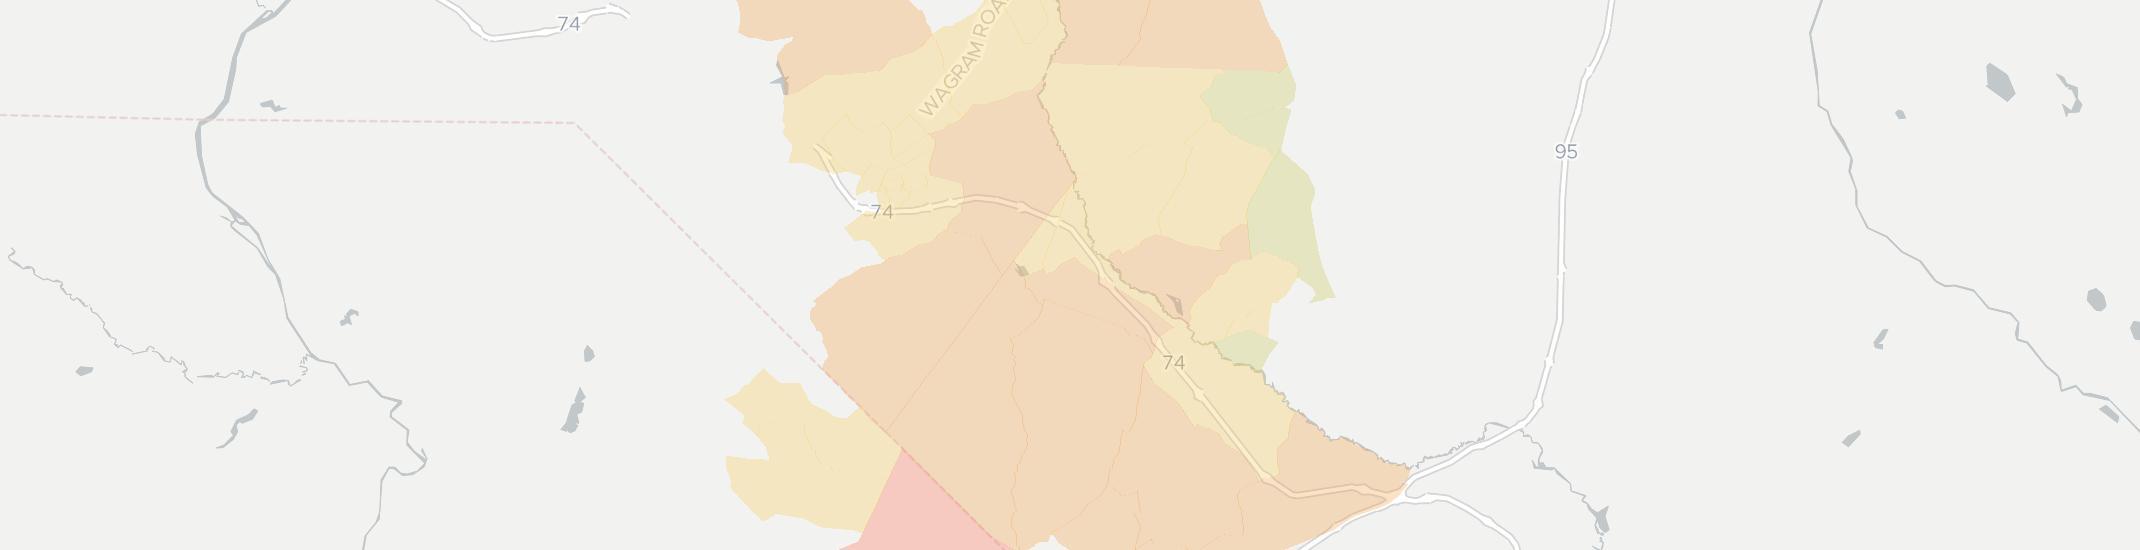 Maxton Nc Map.Internet Providers In Maxton Compare 10 Providers Broadbandnow Com